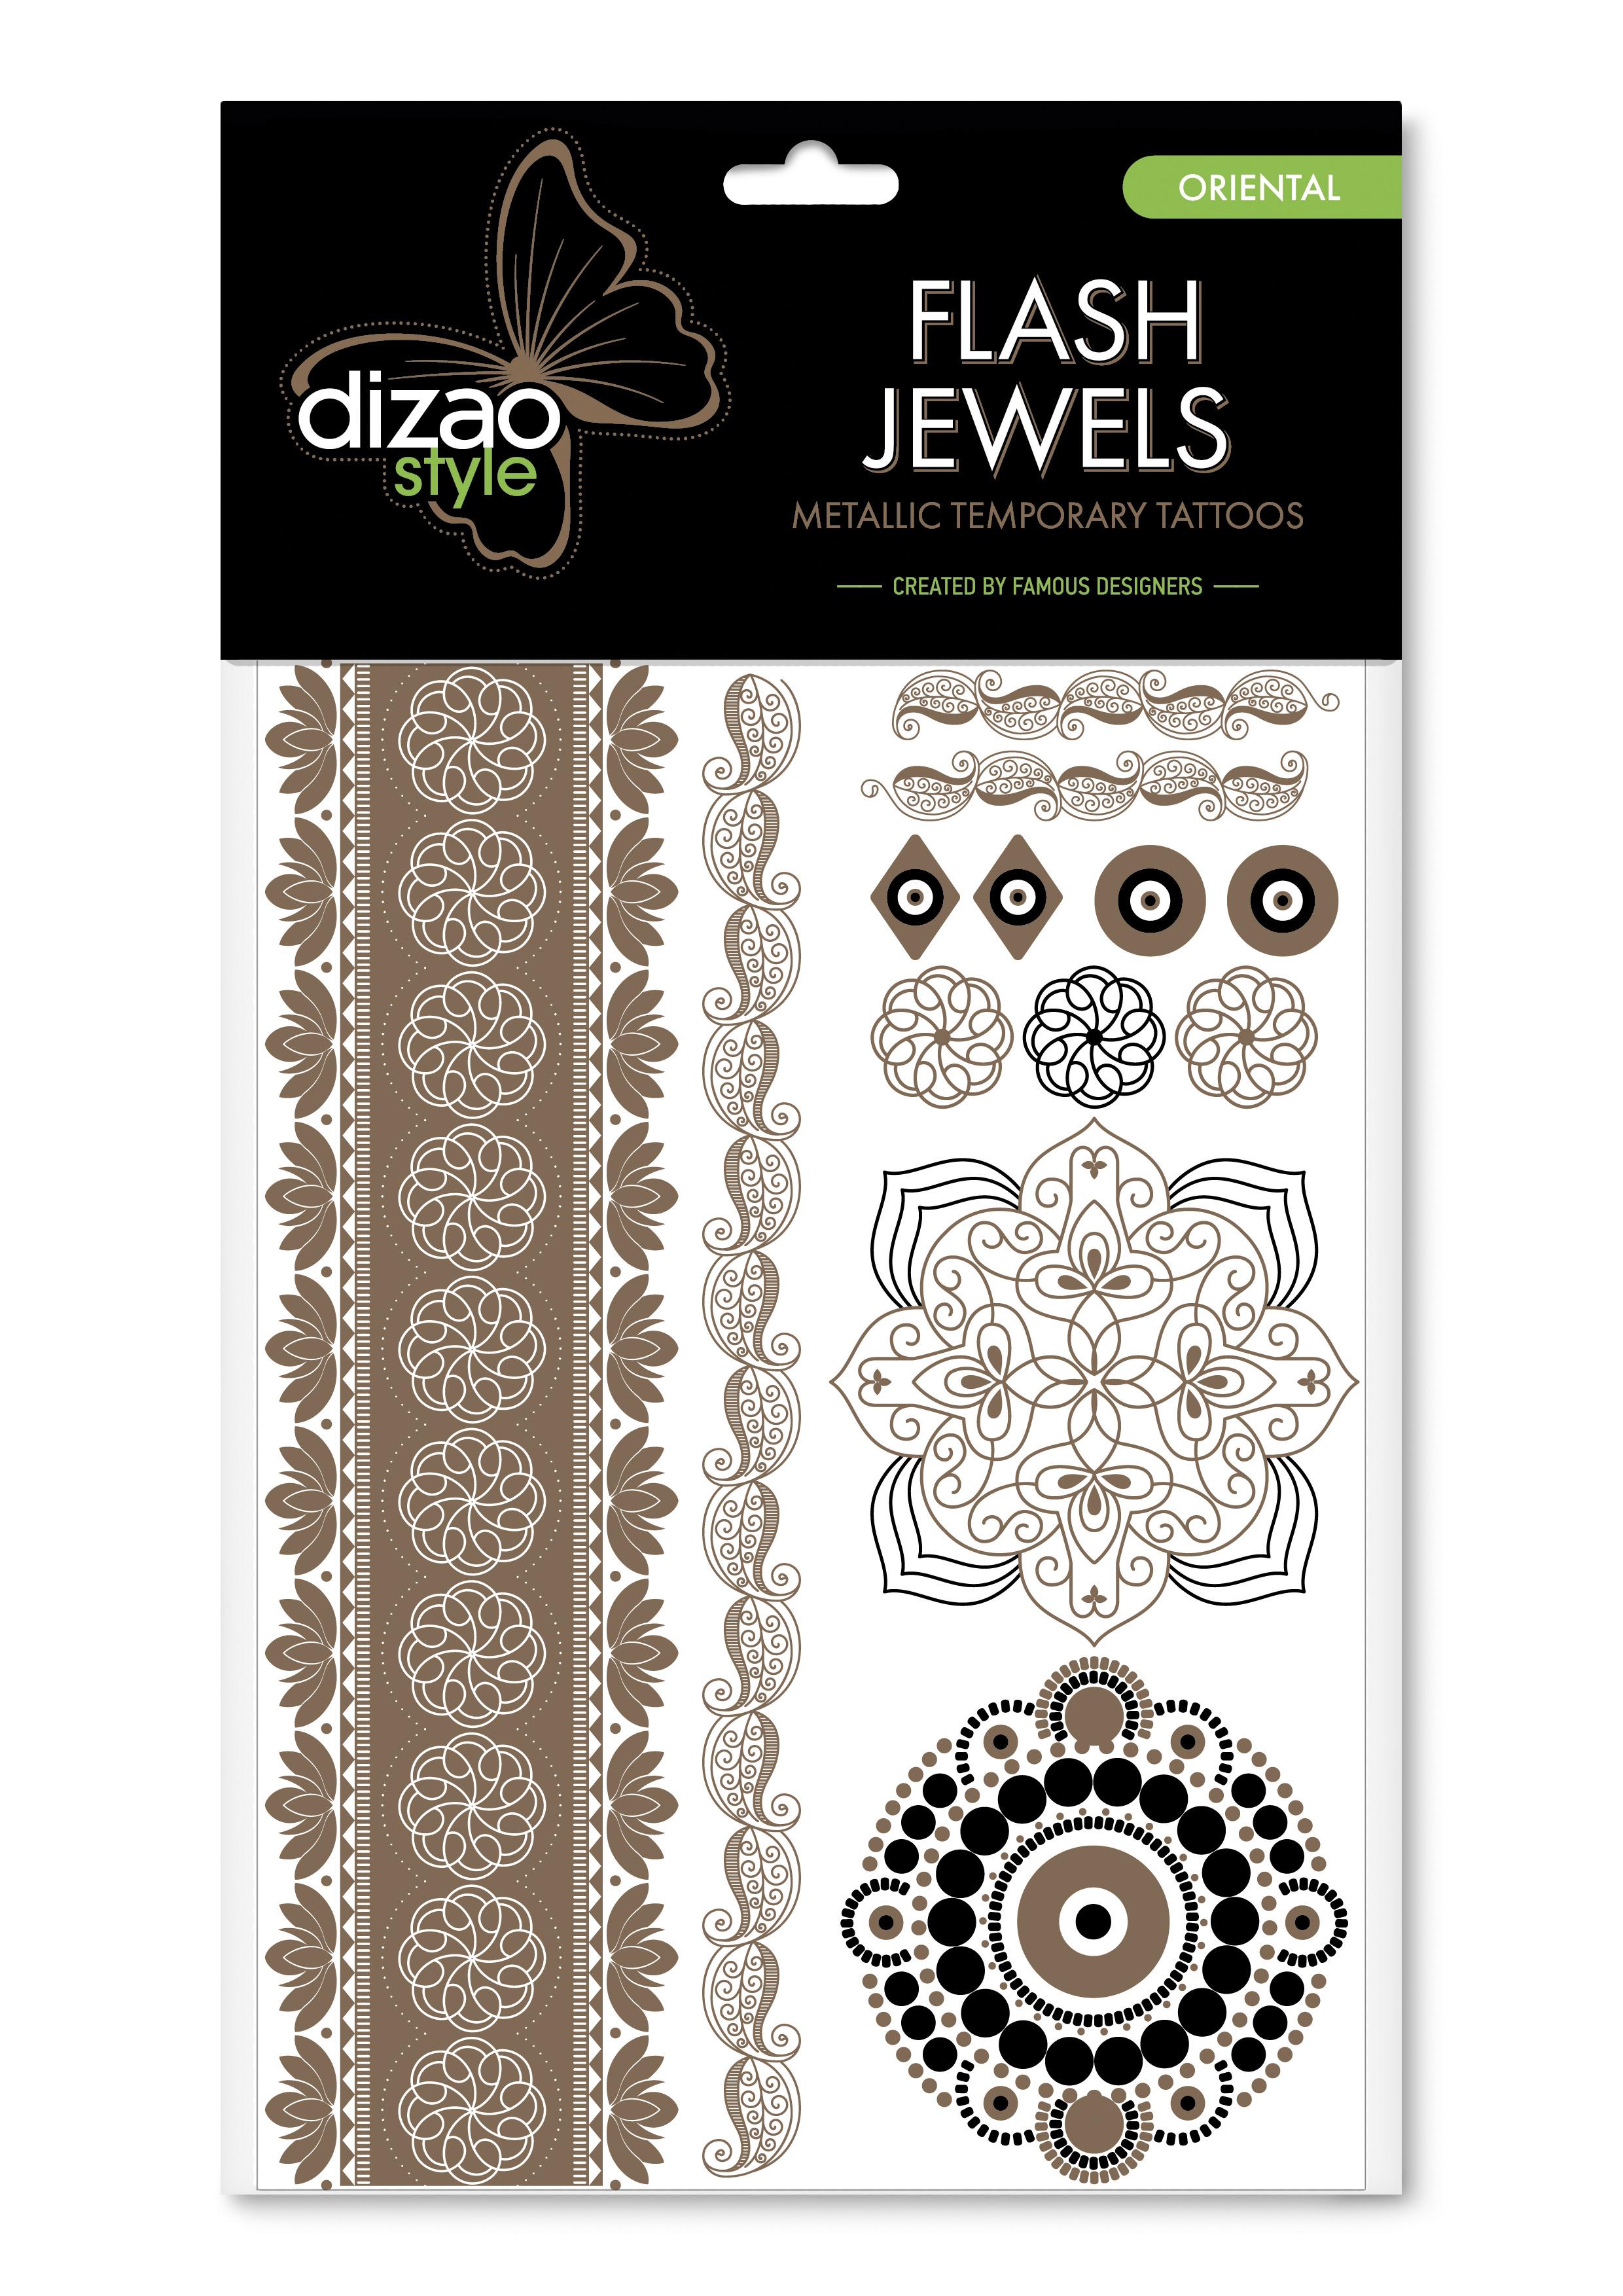 Dizao Временные золотые тату Flash Jewels: Восток5292452002526Оригинальные золотистые временные татуировки Dizao Flash Jewels: Восток позволят вам добавить изысканный штрих к вашему образу. В набор входит множество разнообразных дизайнов, которые вы сможете сочетать по своему вкусу. Откройте для себя мир идеальных линий и оригинальных дизайнов, которые заблистают на вашей коже благородным блеском золота и серебра. Позвольте украшениям стать органичной частью вашего тела. Следуйте самым последним тенденциям и всегда оставайтесь на пике моды. Подарите себе роскошь и непревзойденный стиль с тату Dizao. Премиальные золотые временные тату Flash Jewels: - имеют уникальные дизайны -держатся на коже продолжительное время, не теряя привлекательности -легко наносятся и удаляются -не вызывают покраснений и раздражений, не содержат токсичных компонентов Применять временные тату невероятно легко: вырежьте понравившуюся аппликацию, наложите ее рисунком вниз на сухую чистую кожу, прижмите к аппликации мокрую губку или...